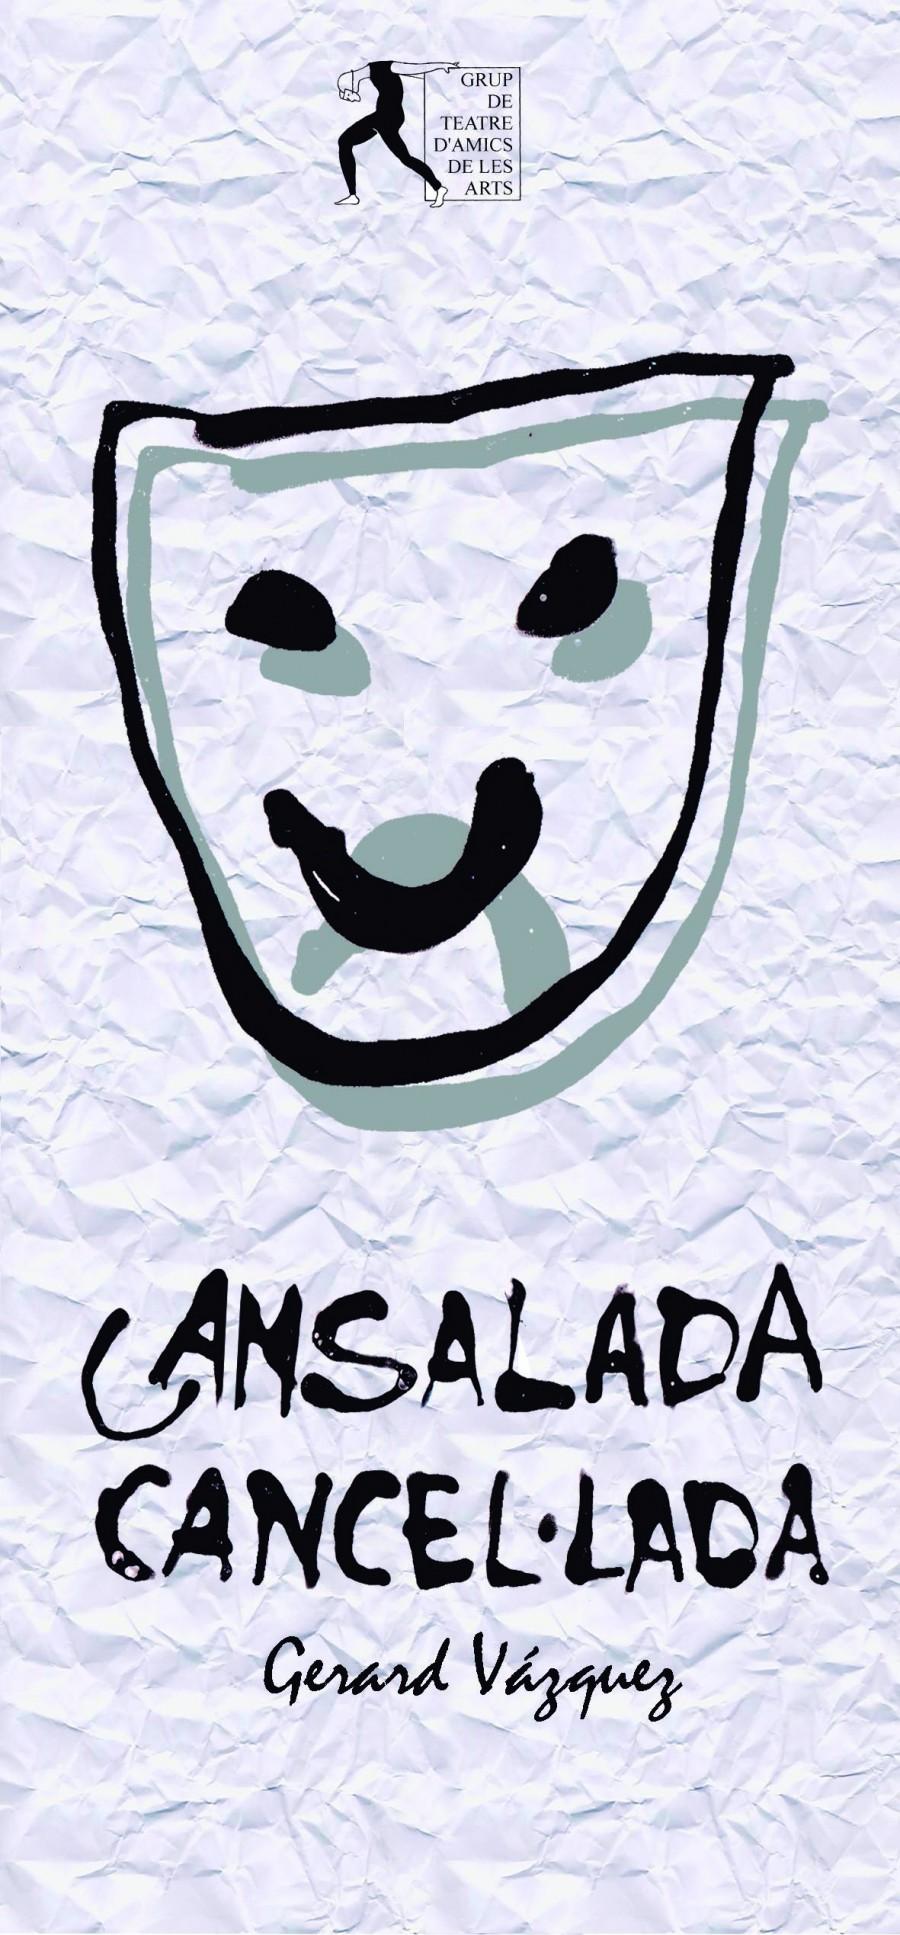 cansalada_teatre_Amics